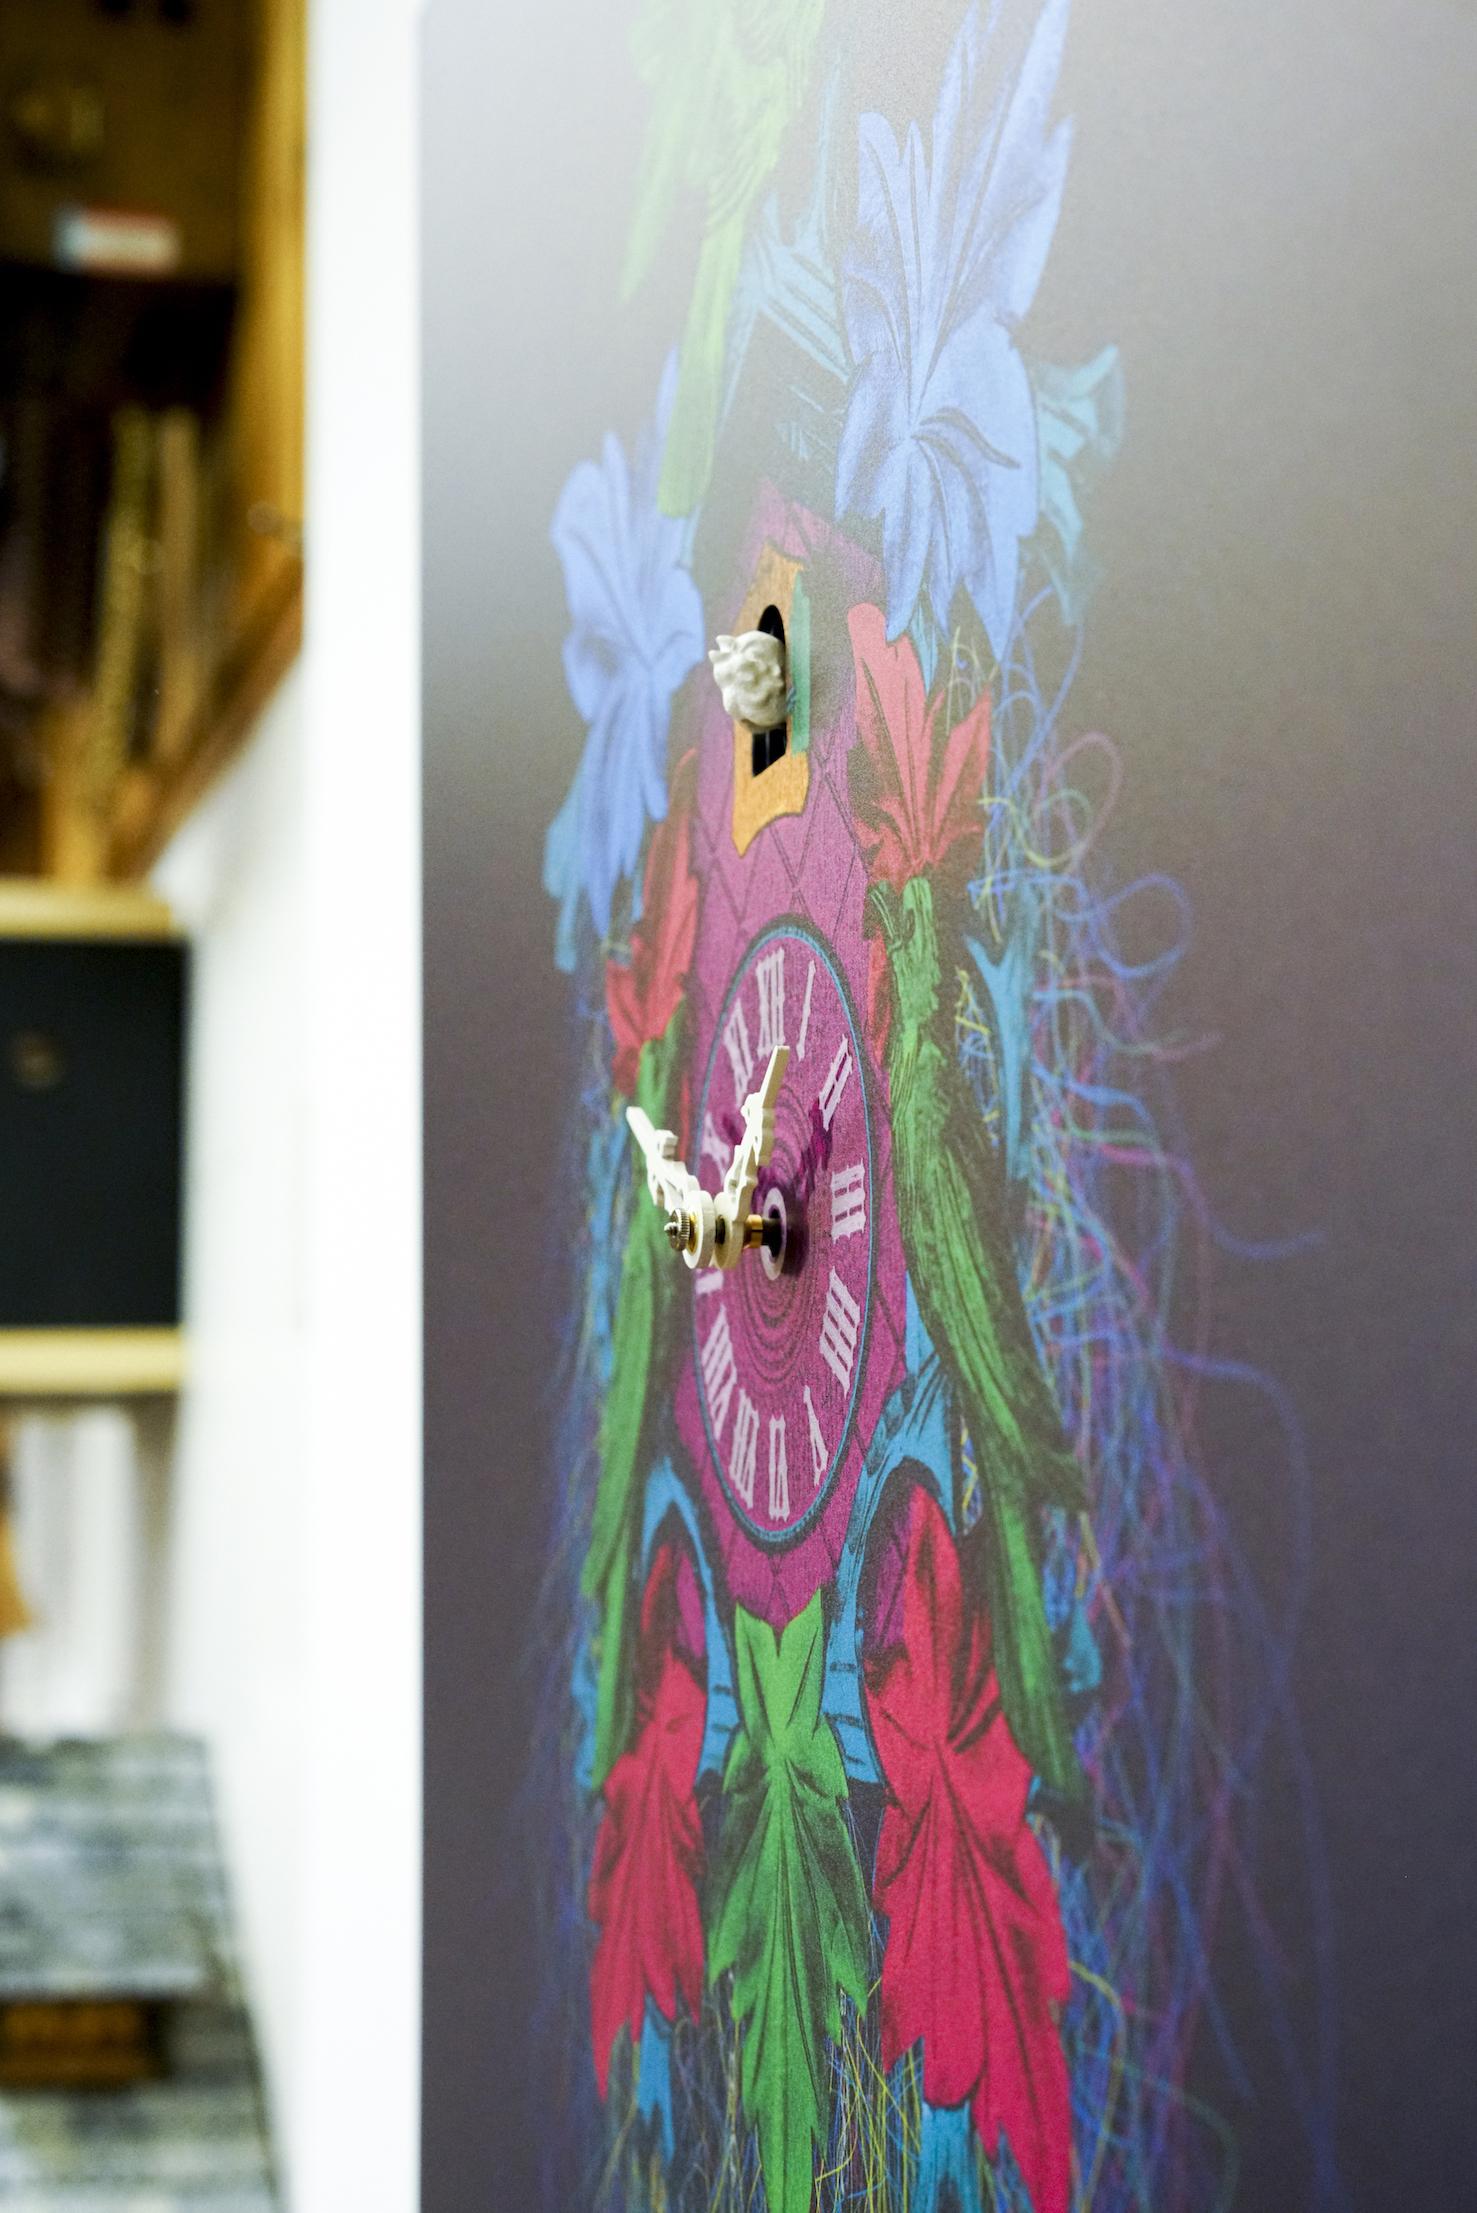 Bilderuhr / Wandbild-Kuckucksuhr mit mechanischem Werk